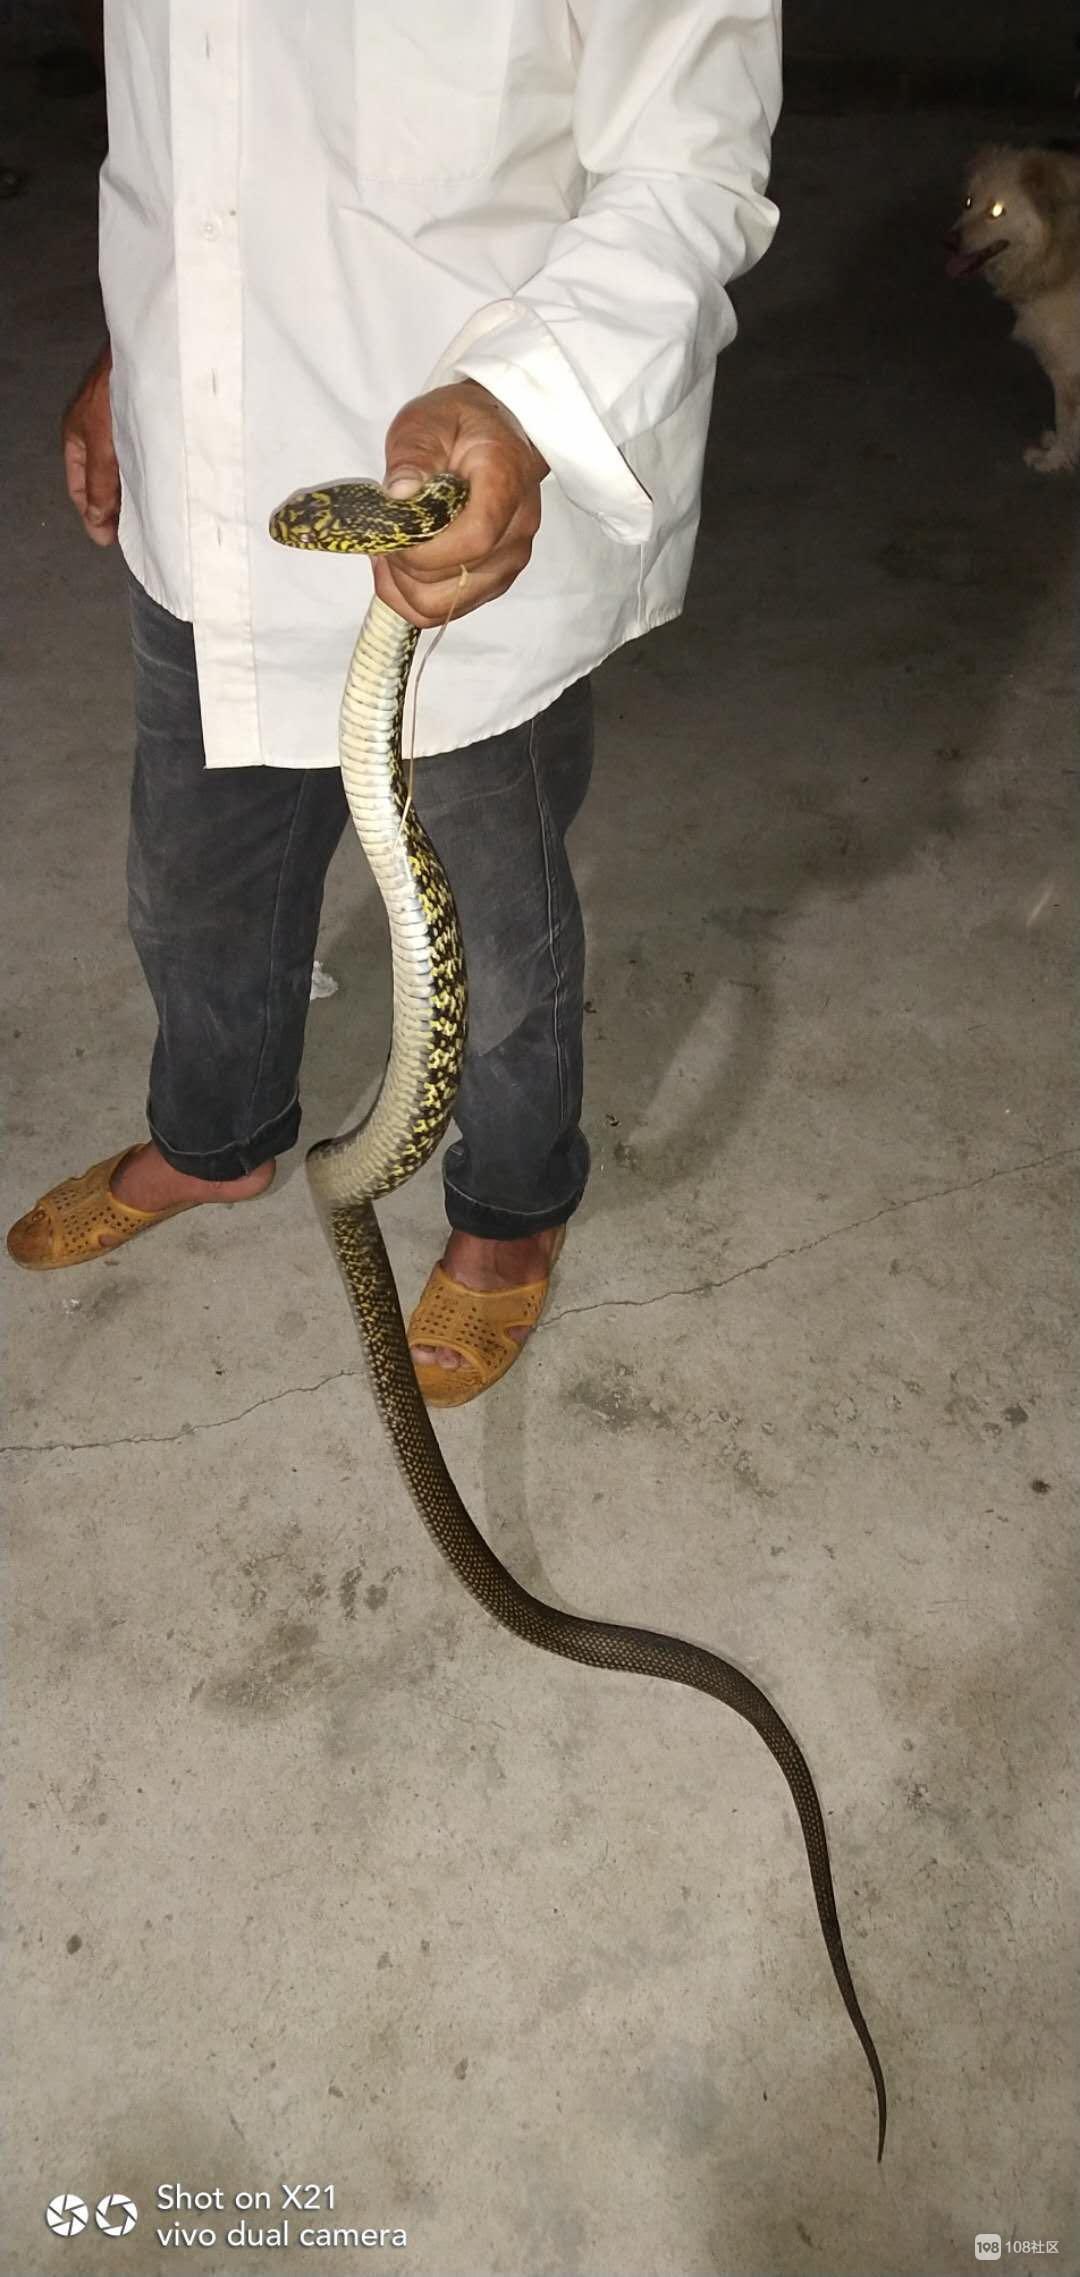 吓死!噶大两条蛇钻进我家里偷这东西,连忙叫人抓走